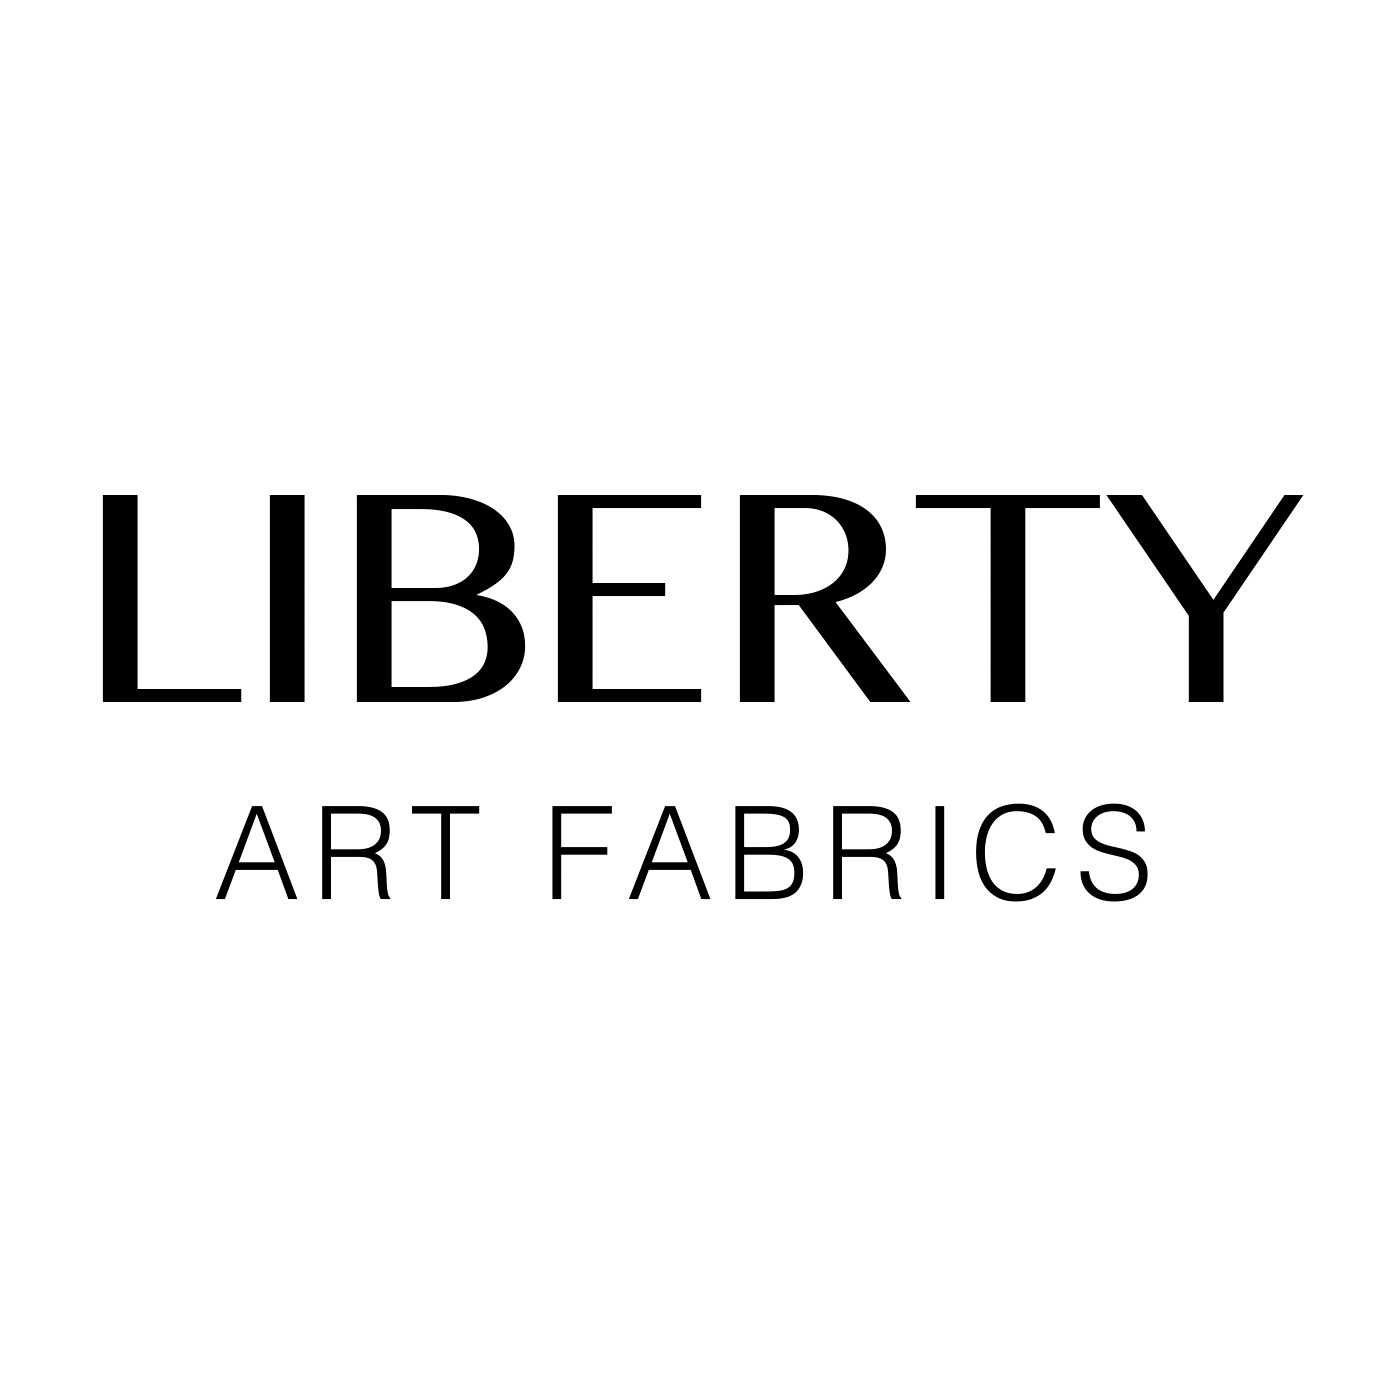 [株式会社 リバティジャパン] 1875年、アーサーラセンビィ・リバティによってロンドンに創設。1880年代に発表したリバティプリントによって、その名を不動のものにしました。繊細かつ流動的な線で描かれた、多彩な花のパターンが代表的。ジャパン社では本国デザインに基づいて主に日本で生産を行っており、オリジナルカラーの展開もしています。